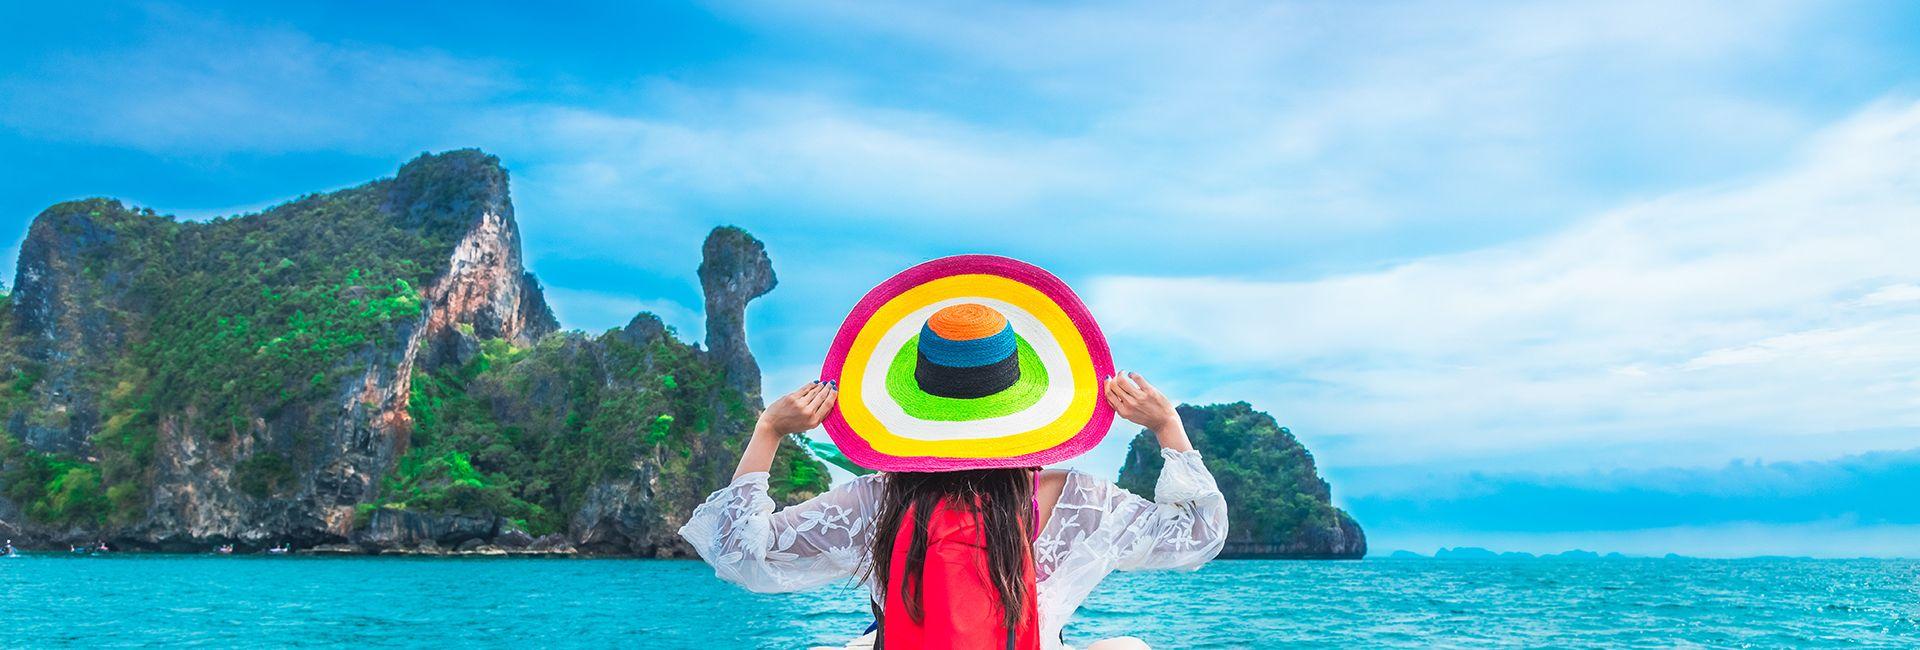 Kinh nghiệm du lịch Phú Quốc tự túc giá rẻ 2020